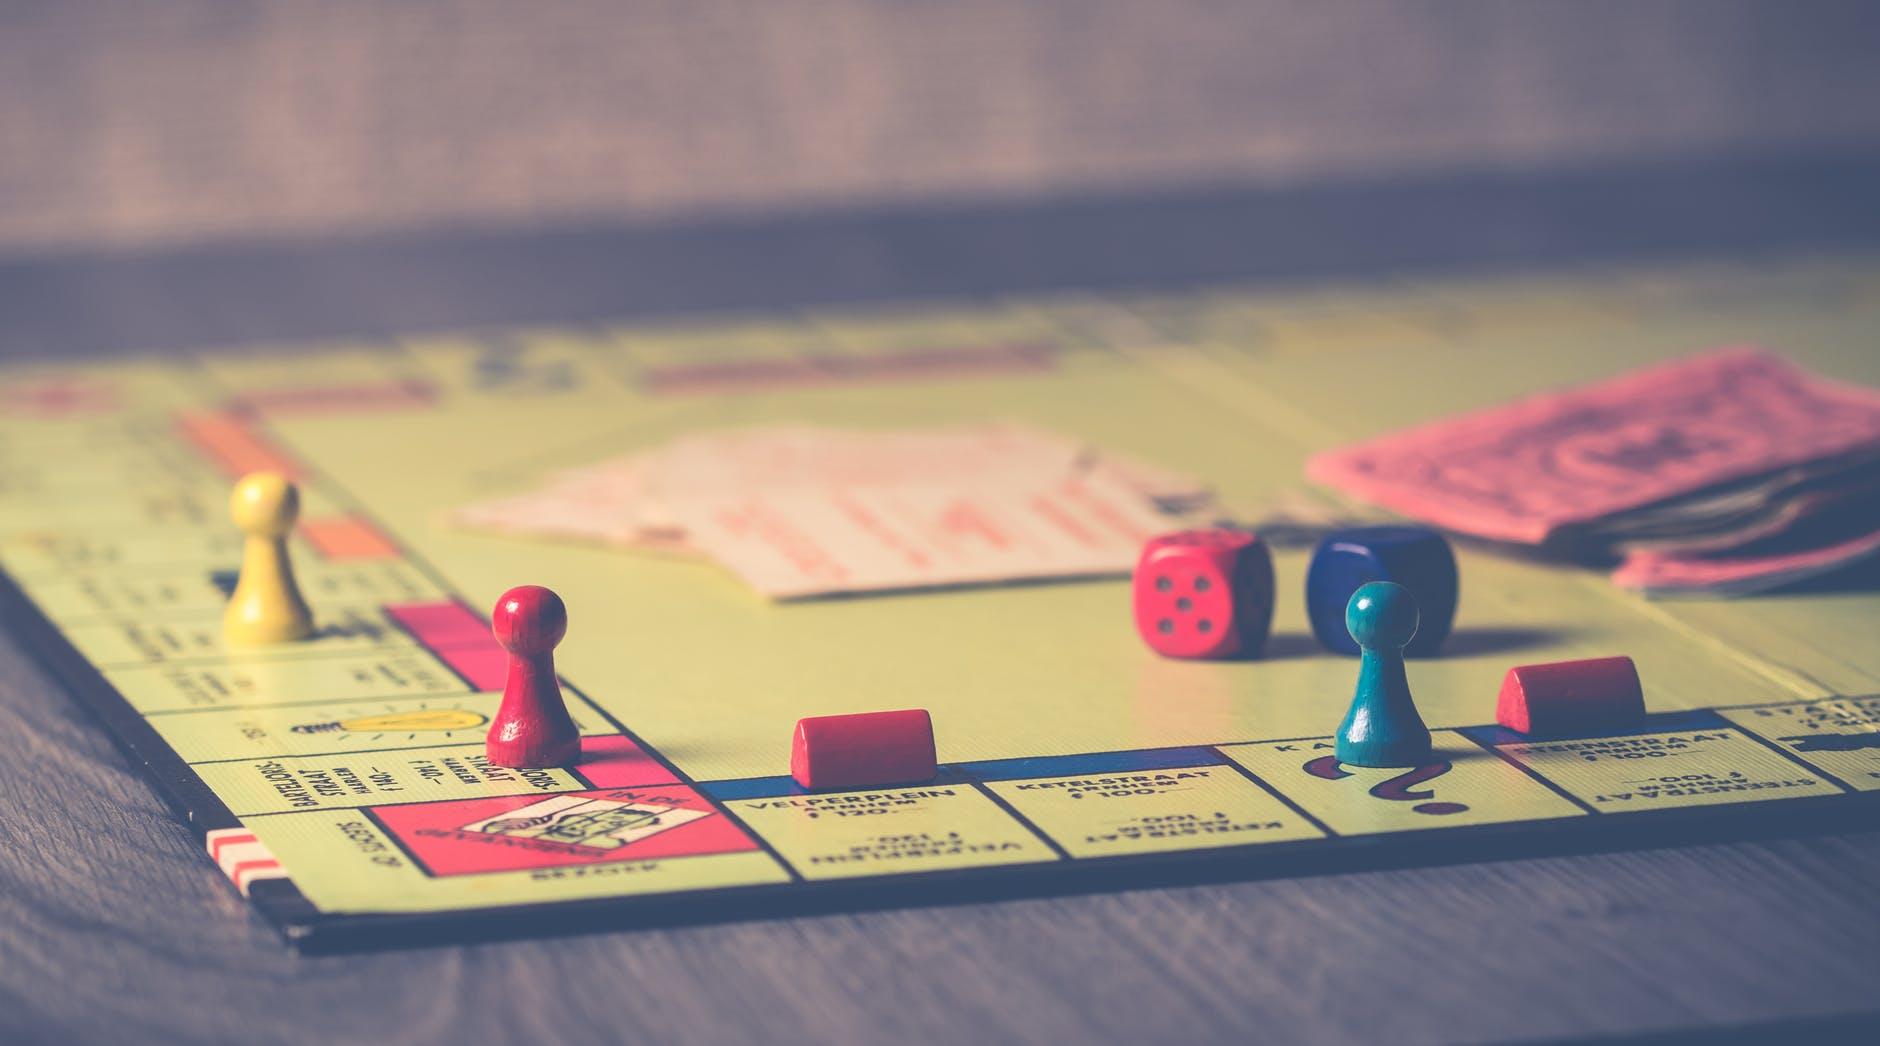 5 giochi da tavolo per amanti dei libri